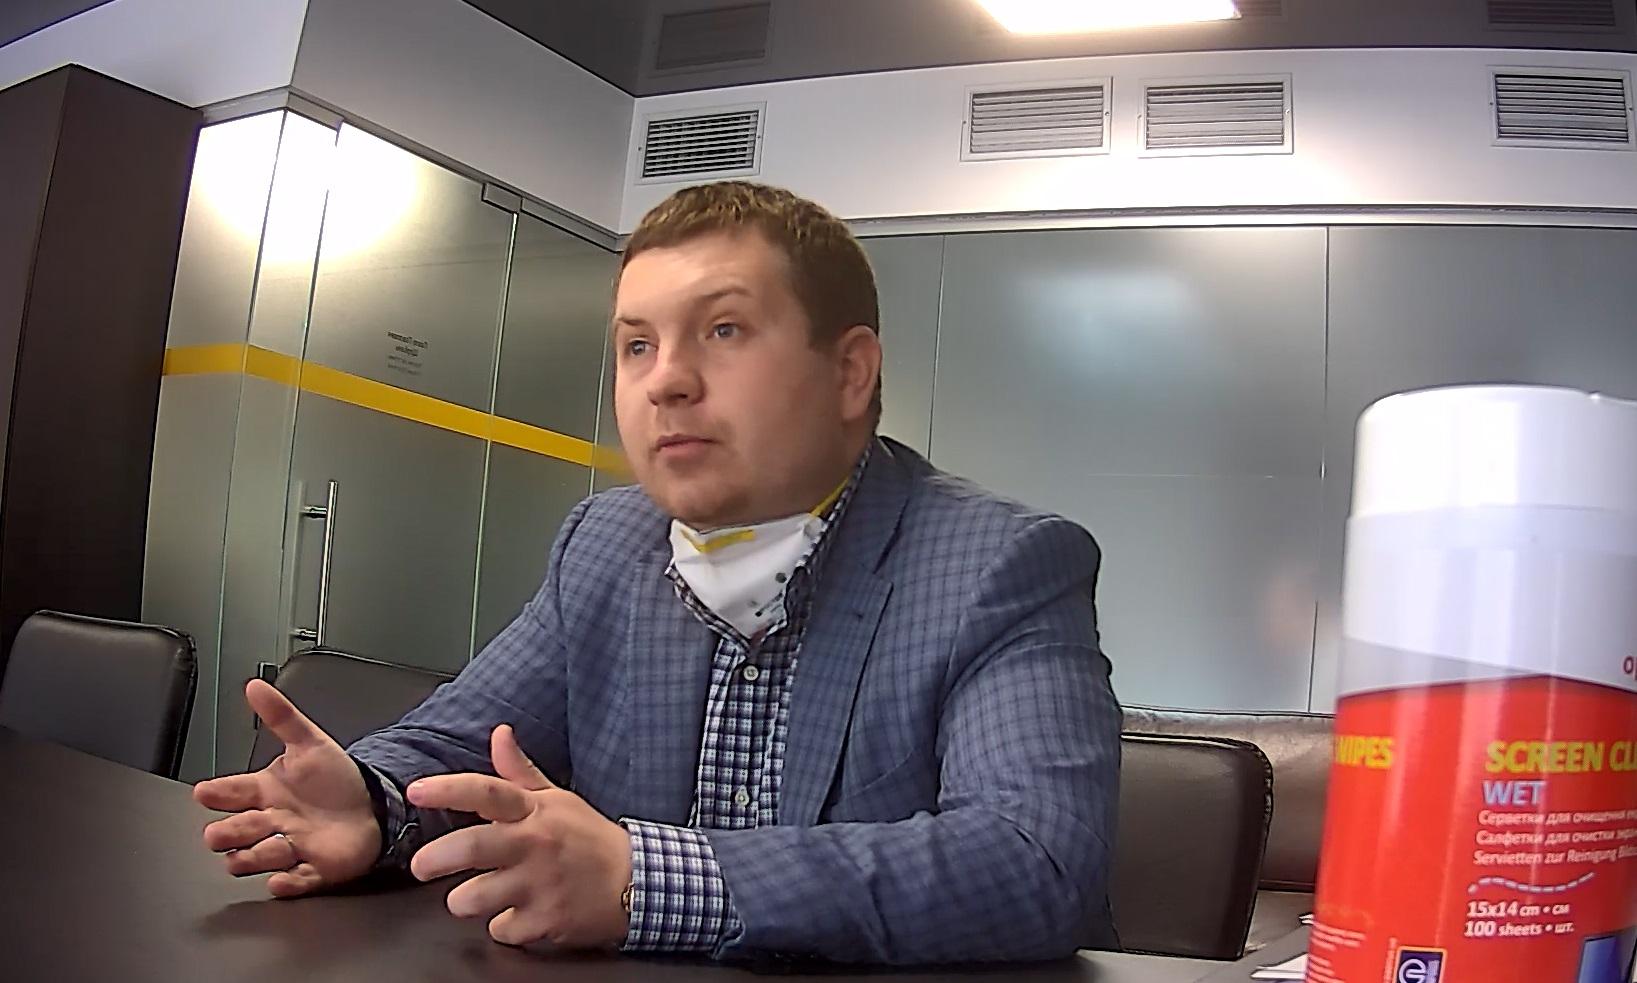 Top-https://www.slidstvo.info/news/spijmanyj-na-habari-prokuror-zapevnyav-shho-vyrishyt-y-kyyivskomu-apelyatsijnomu-sudi-bud-yake-pytannya/